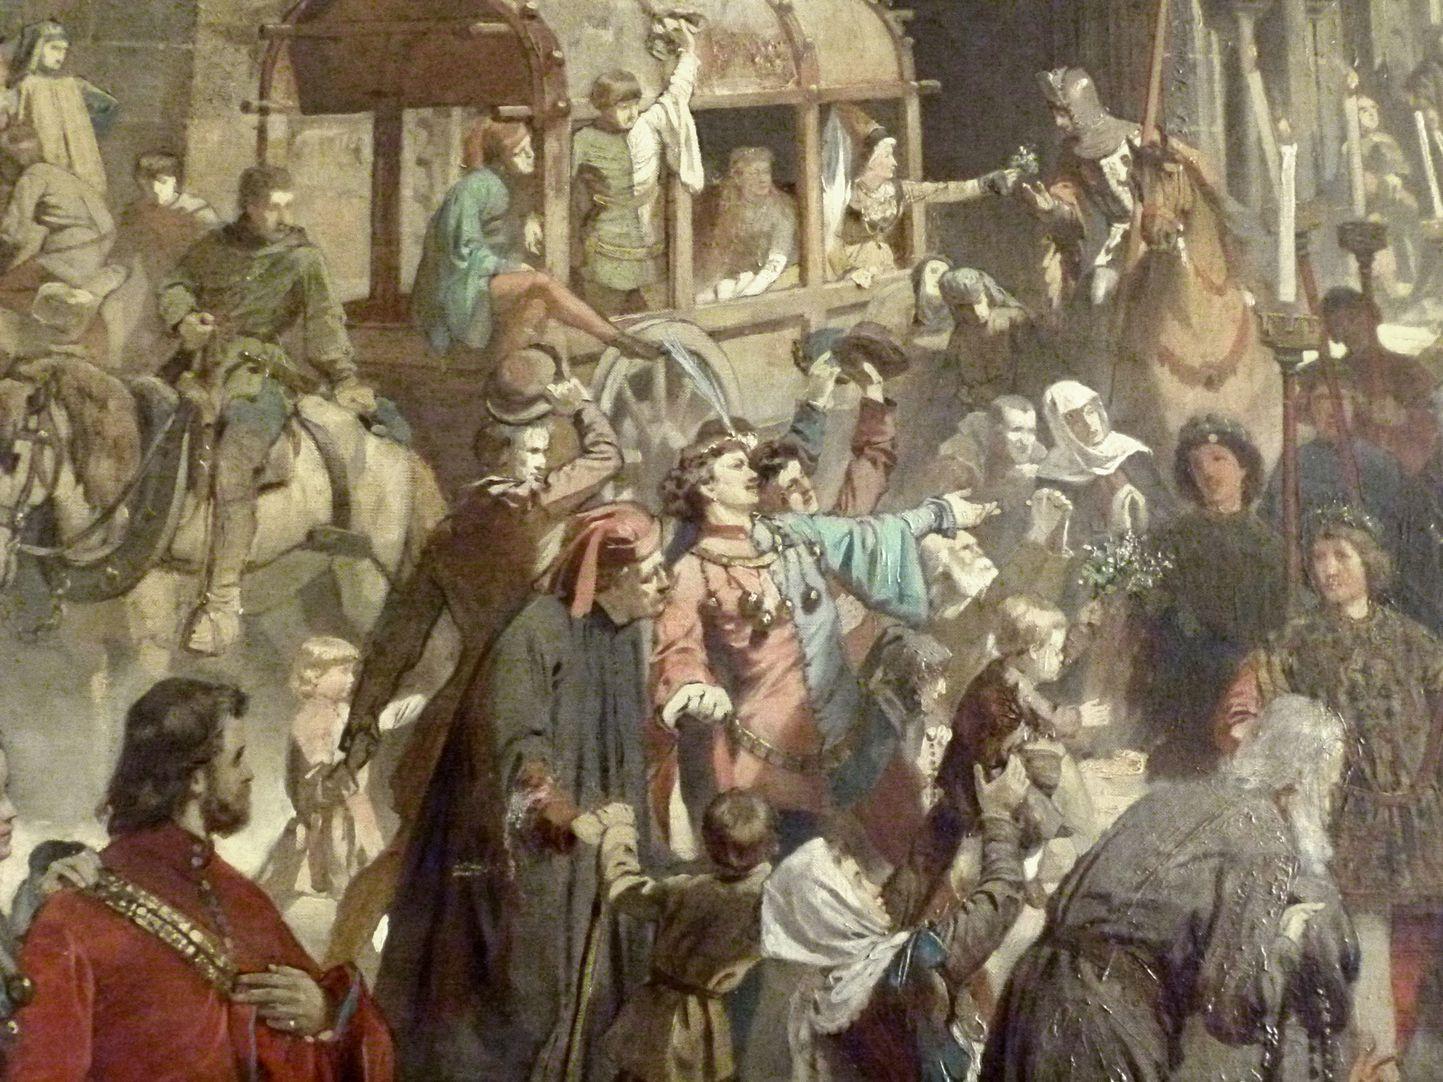 Die Einbringung der Reichskleinodien in Nürnberg am 22. März 1424 Detailansicht vor der Frauenkirche